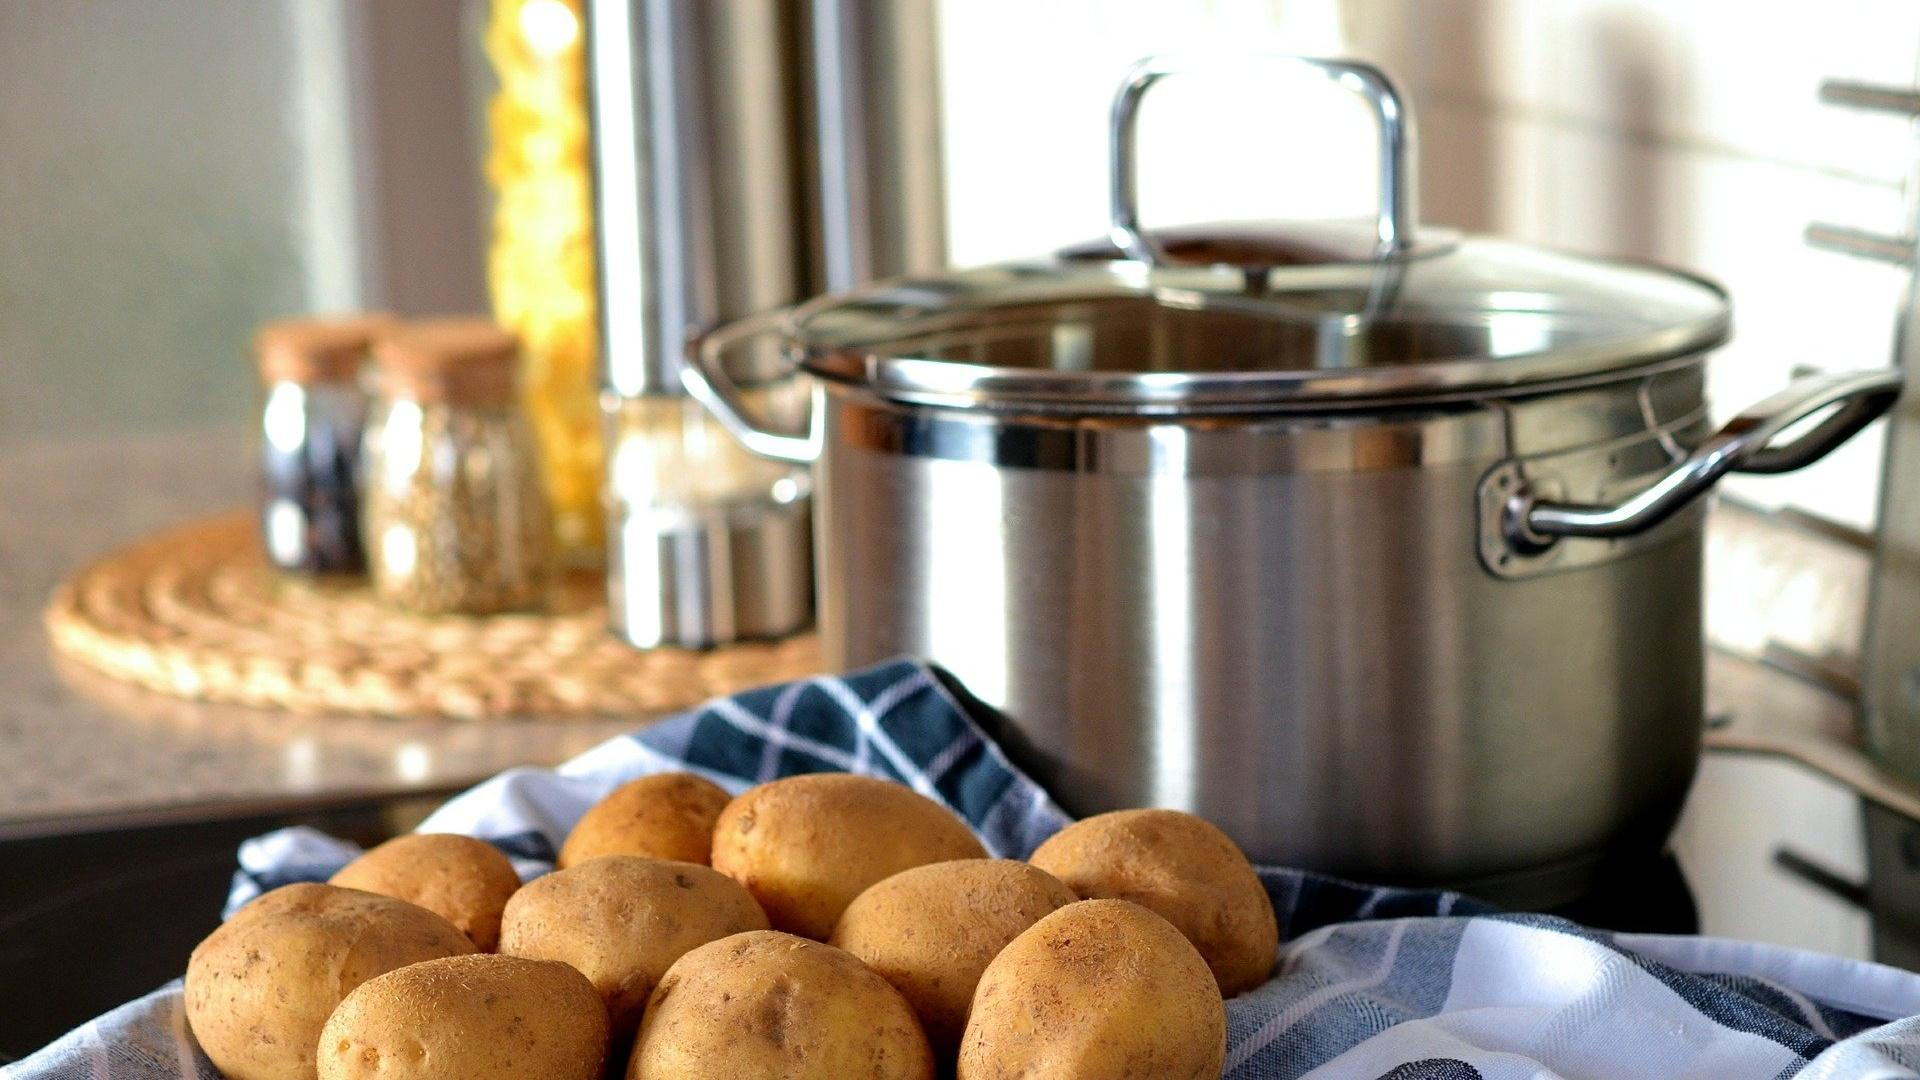 gekochte Kartoffeln Kochtopf